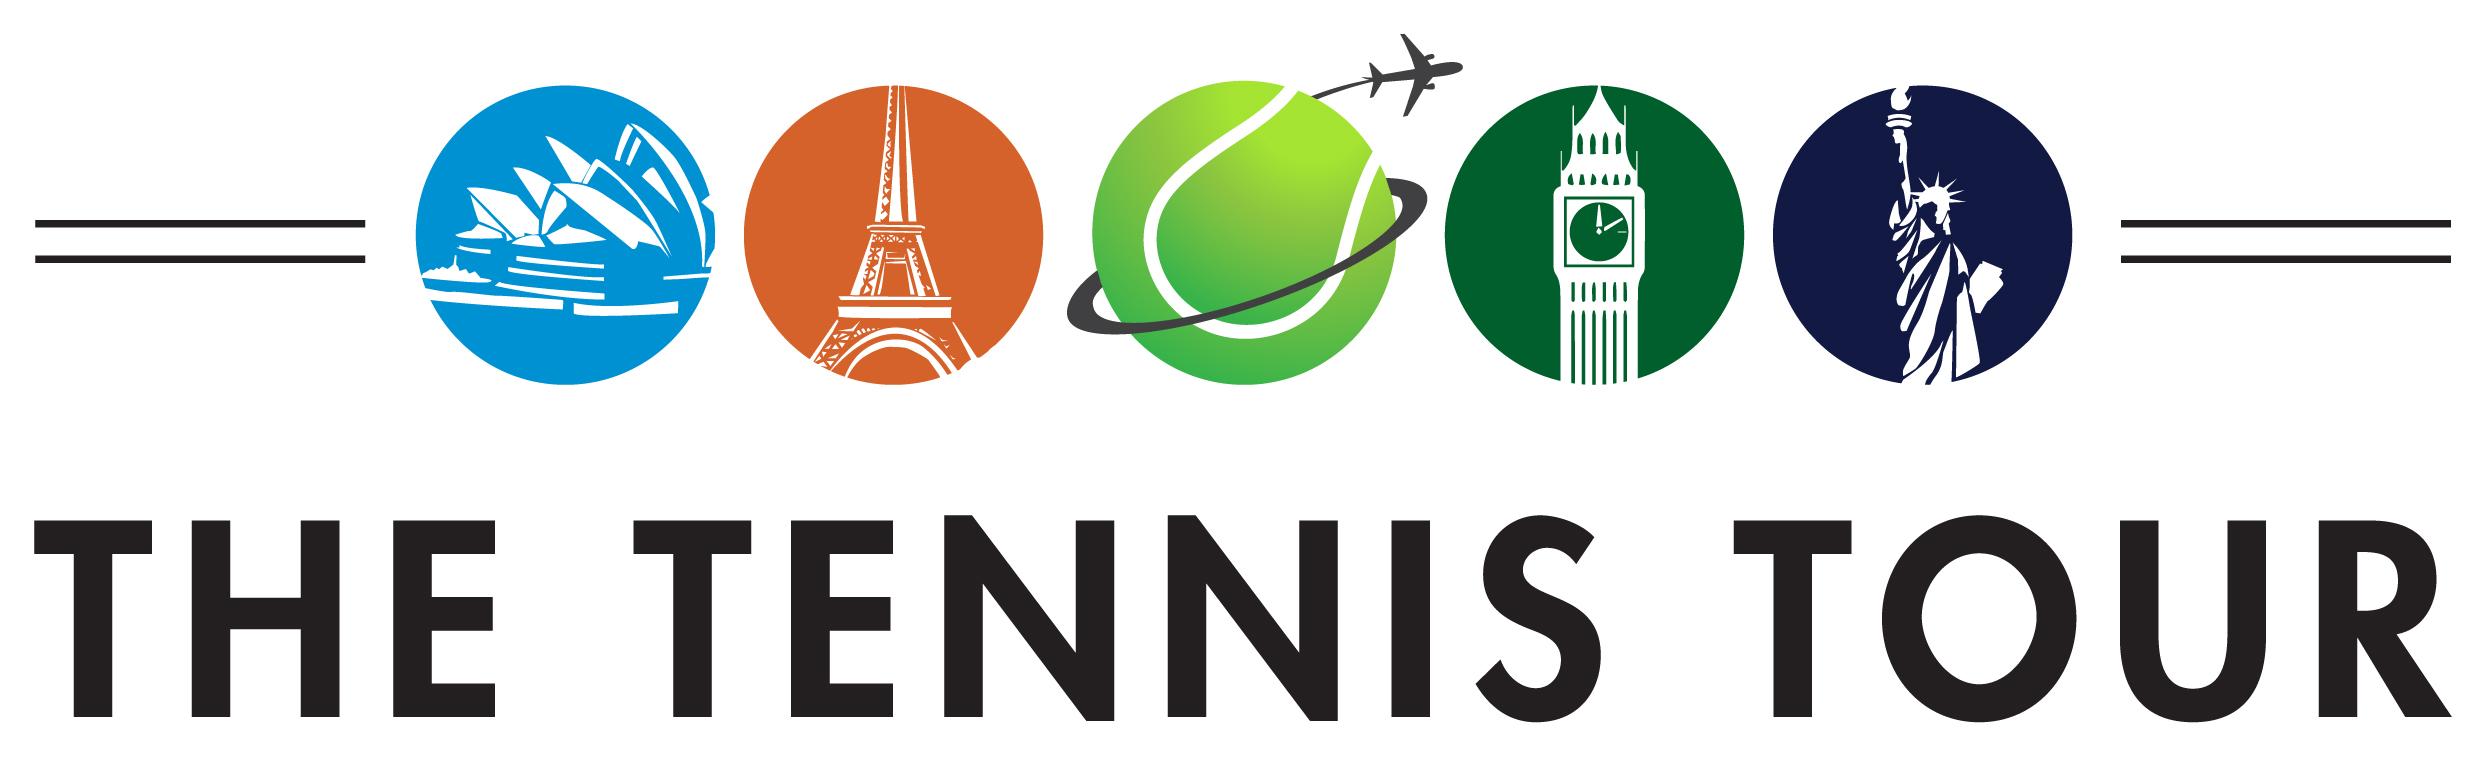 The Tennis Tour